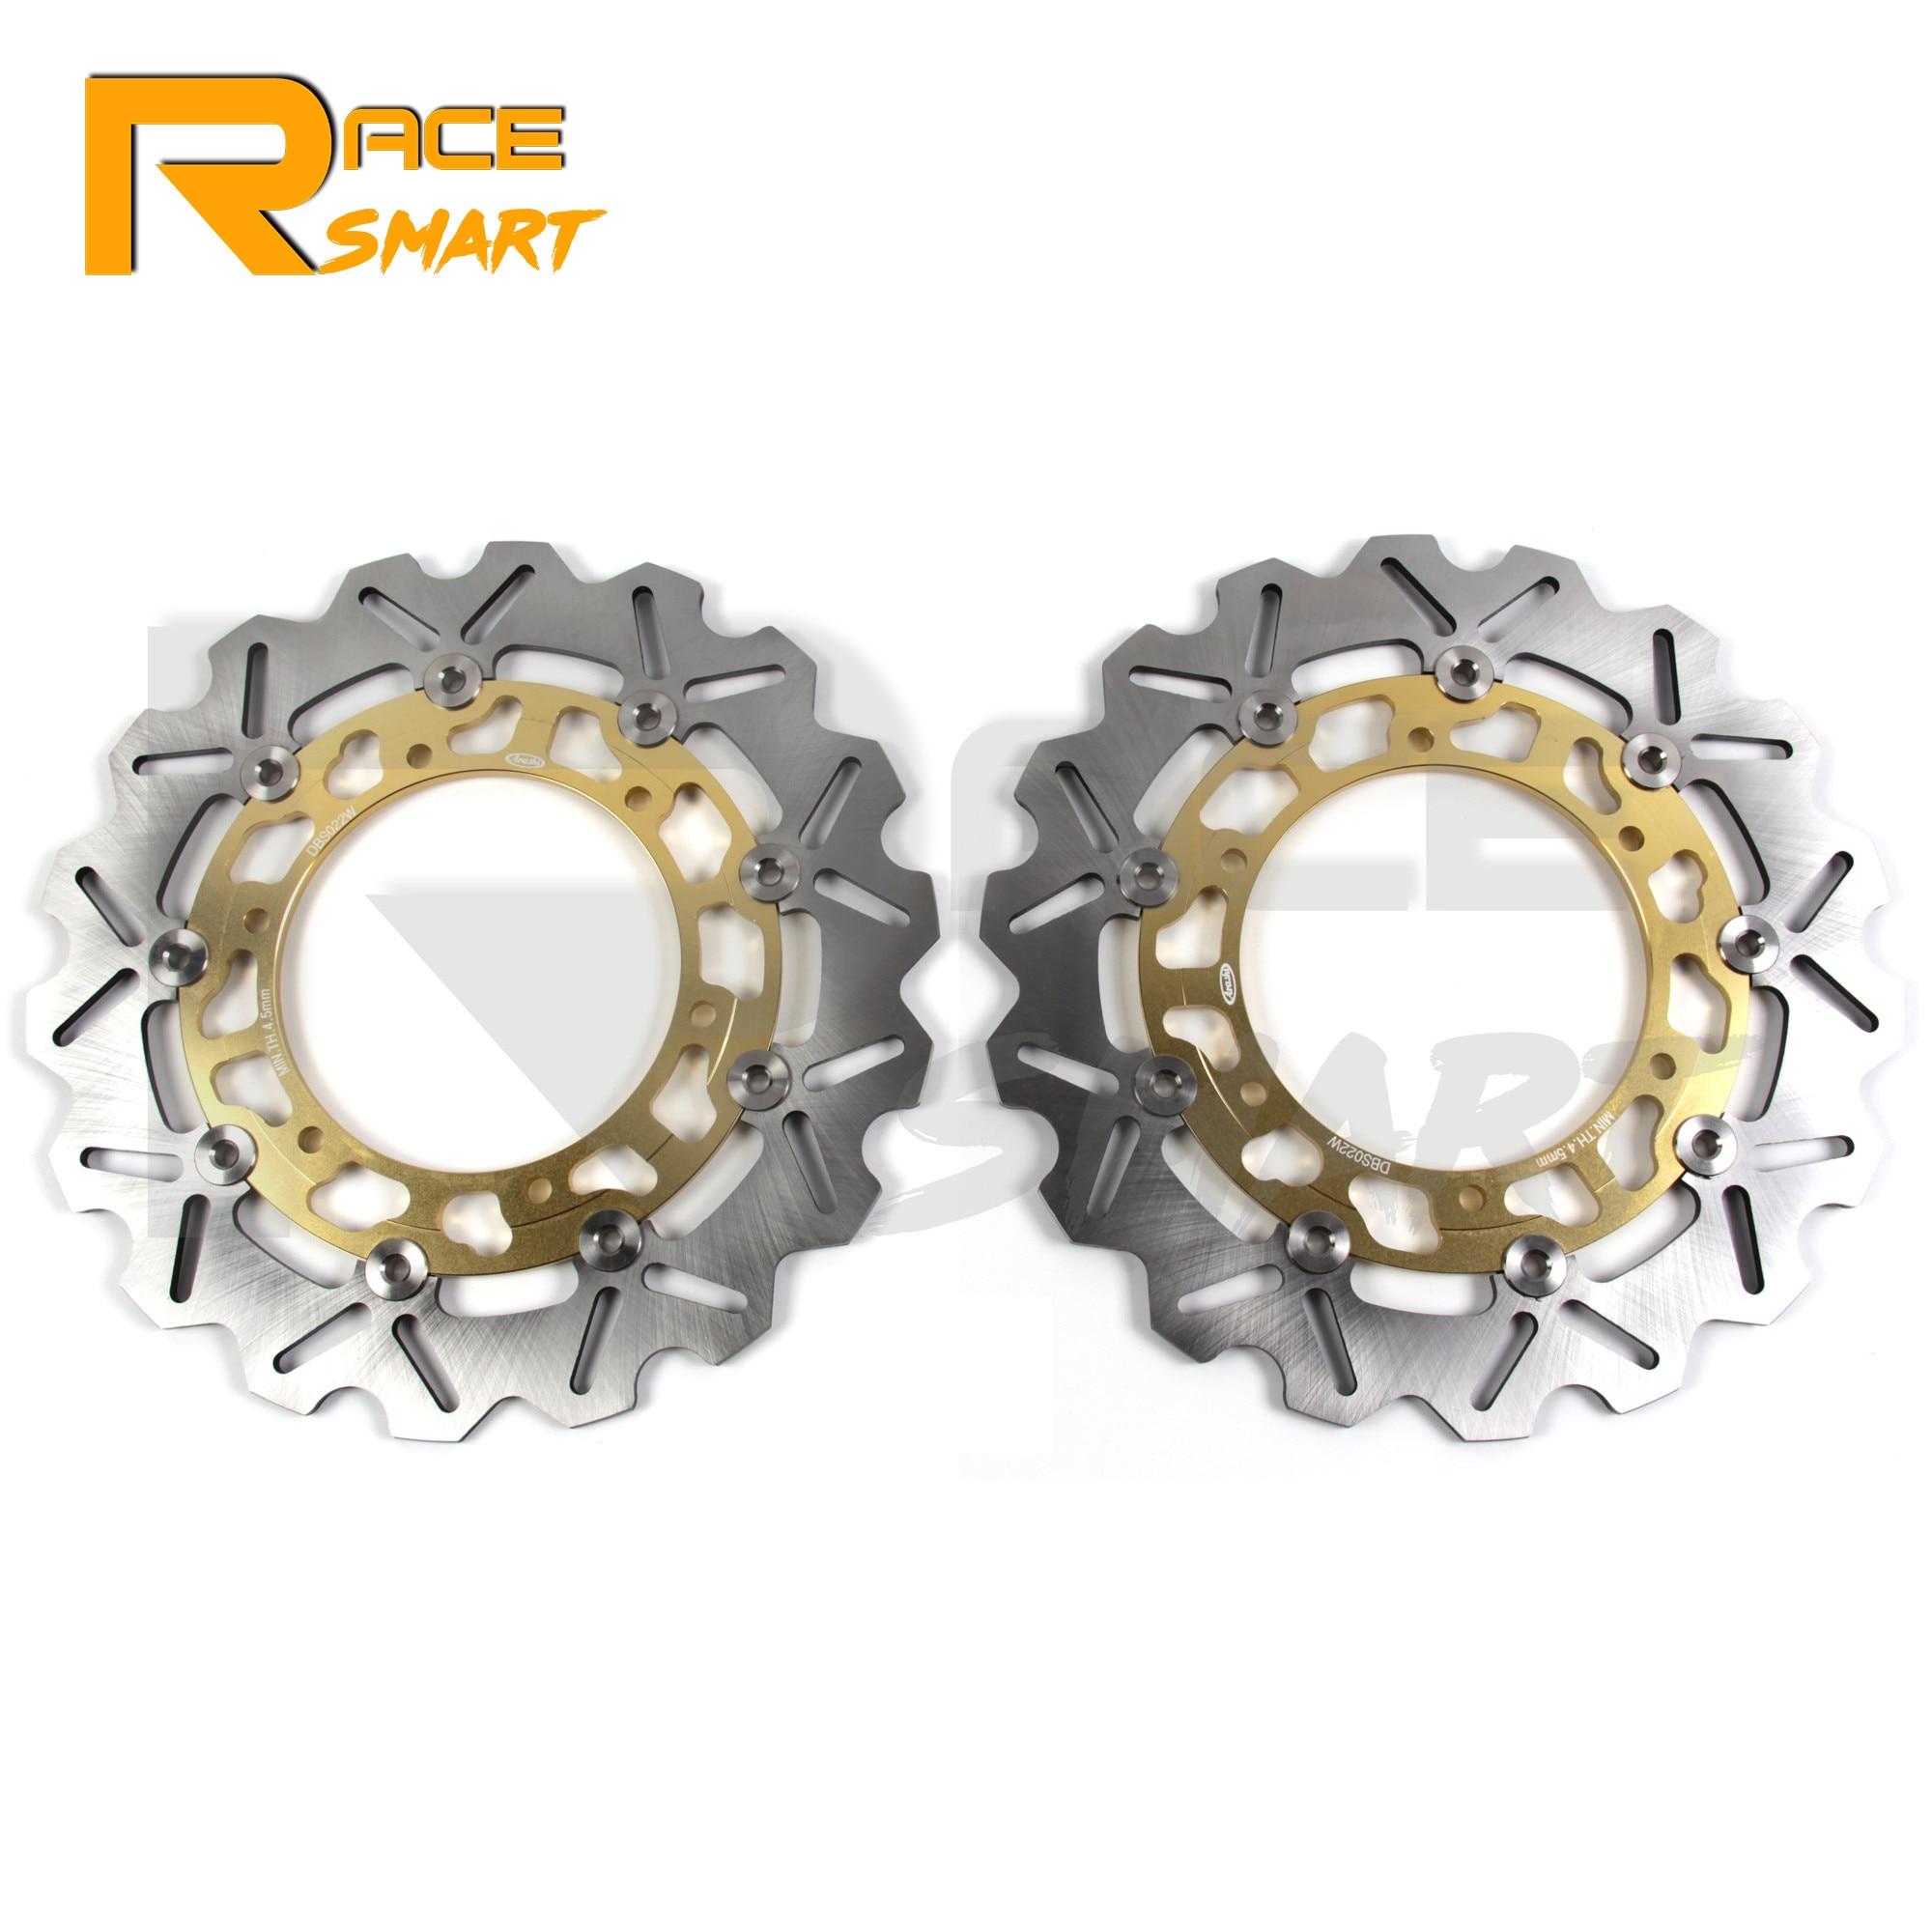 Disco de freno delantero CNC para motocicleta, Rotor de freno de acero inoxidable para YAMAHA XJR 1300 1999-2017 XJR1300 2010 2011 2012 2013 2014